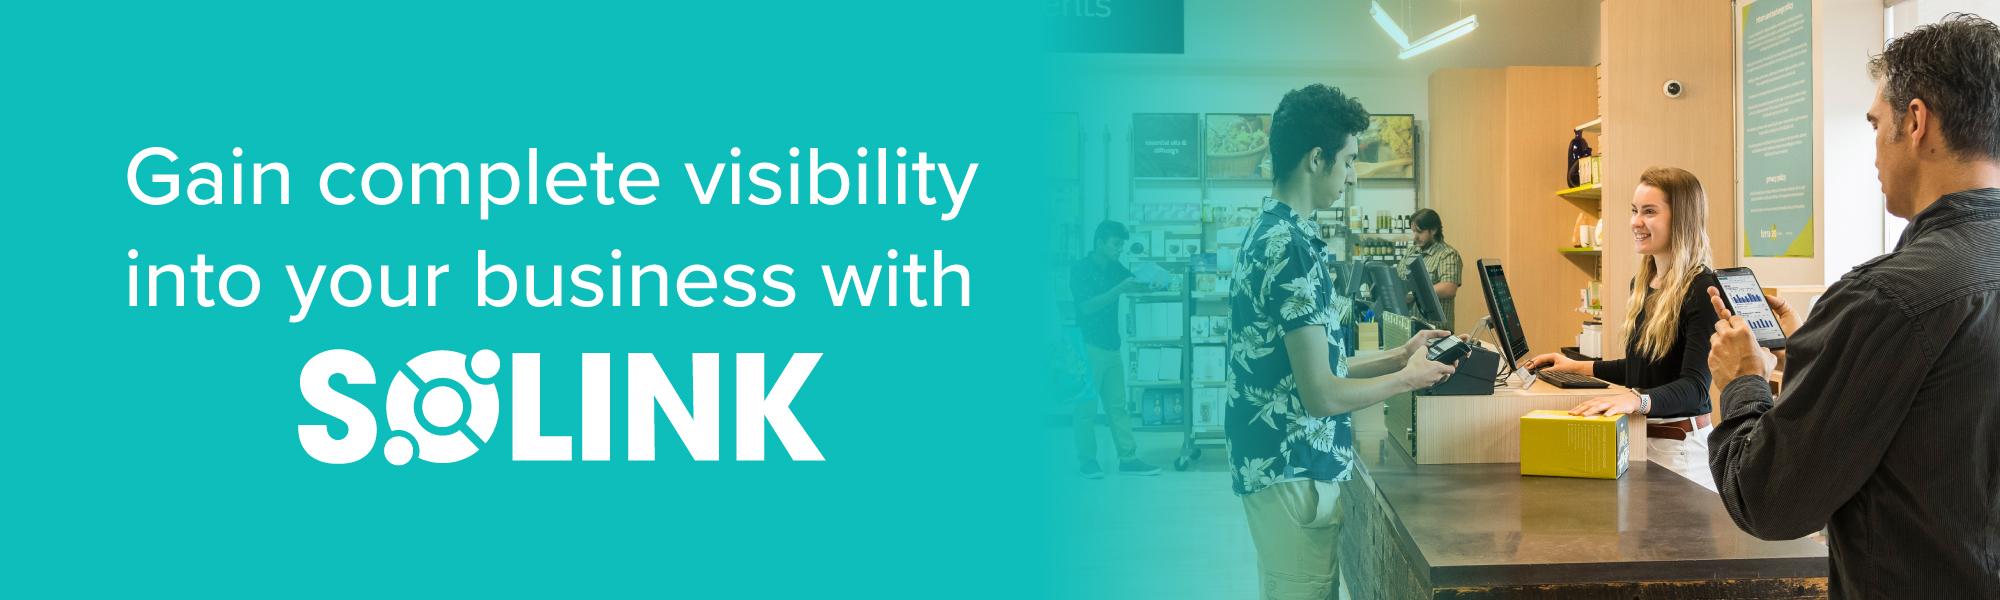 Solink-visibility-banner